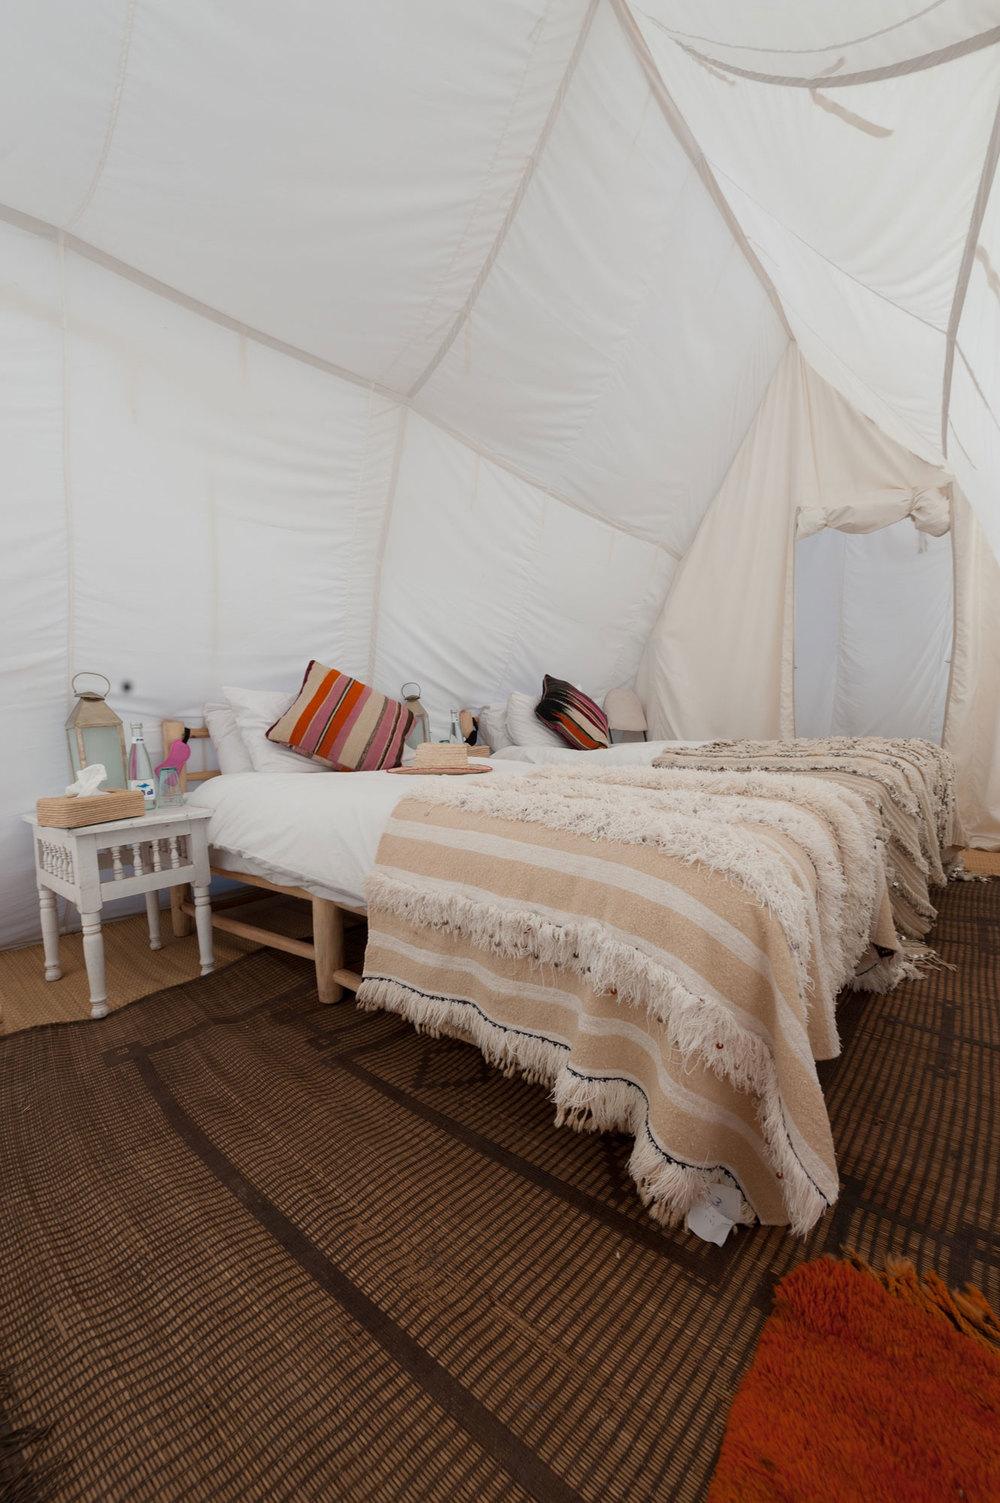 Camp-Adounia-berber-camp-Morocco1.jpg